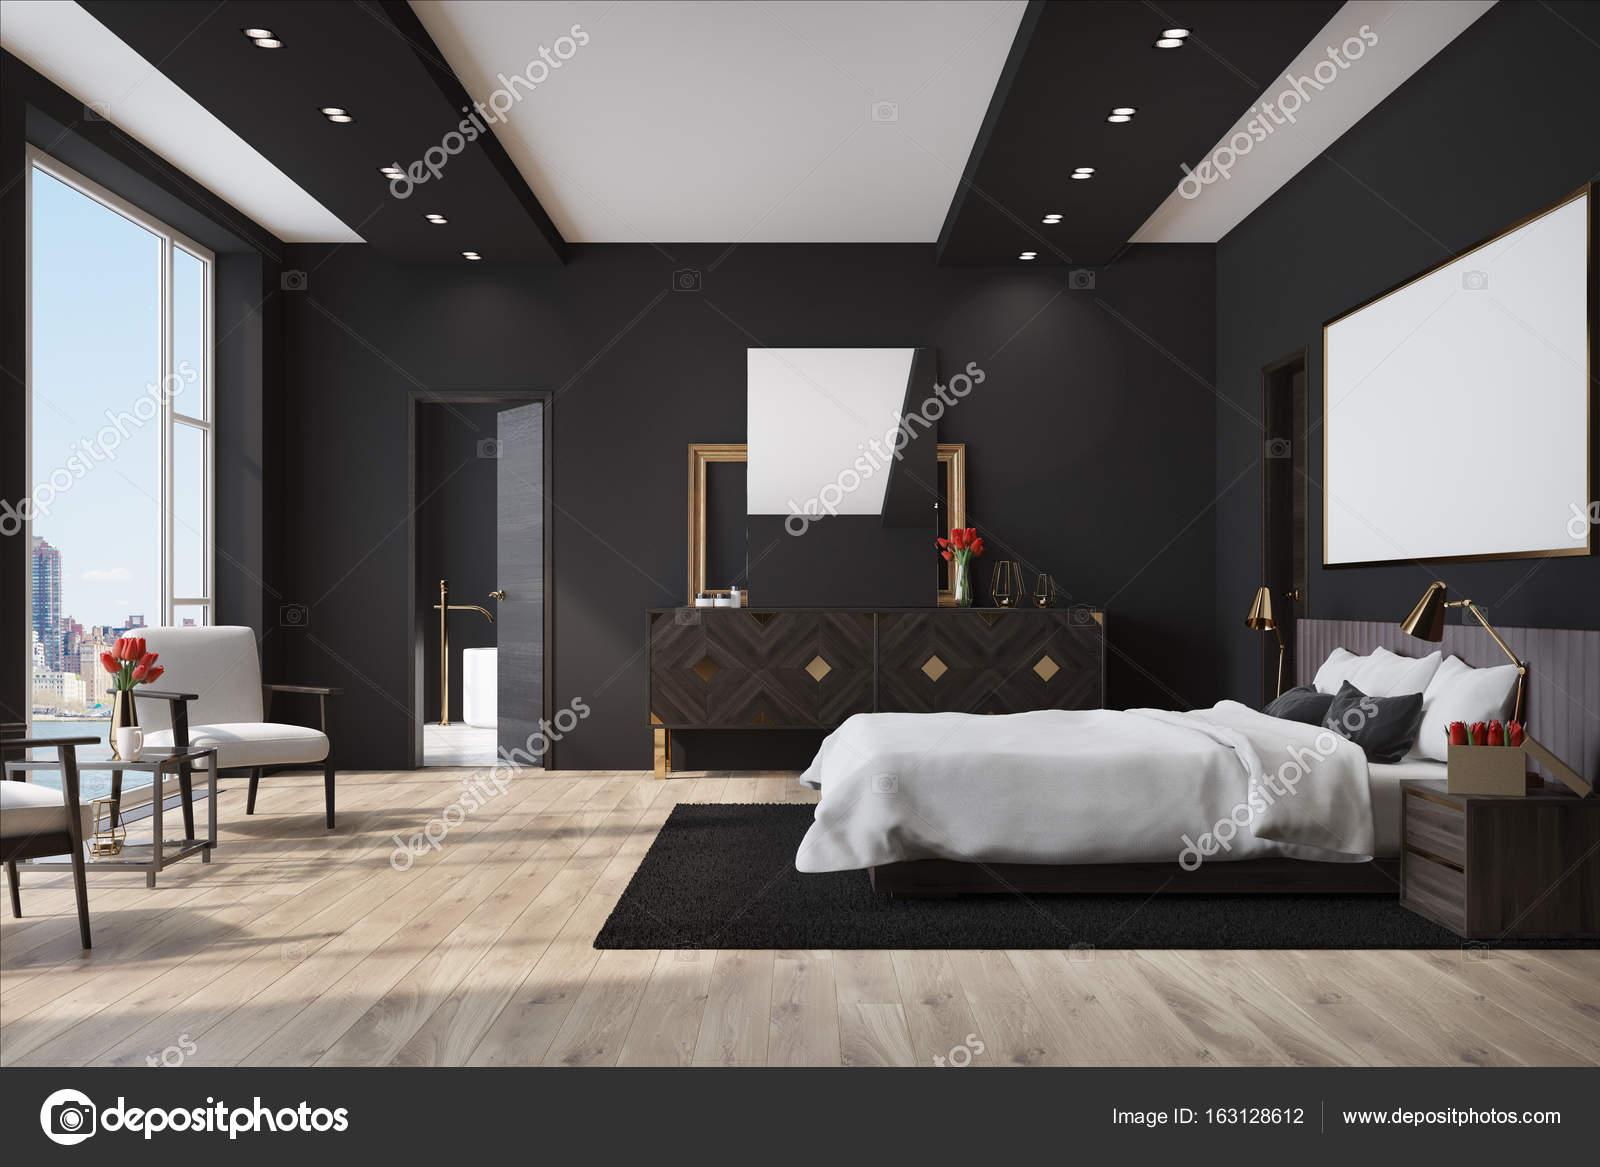 Zwarte Slaapkamer Kast.Zwarte Slaapkamer Kast Met Een Poster Stockfoto C Denisismagilov